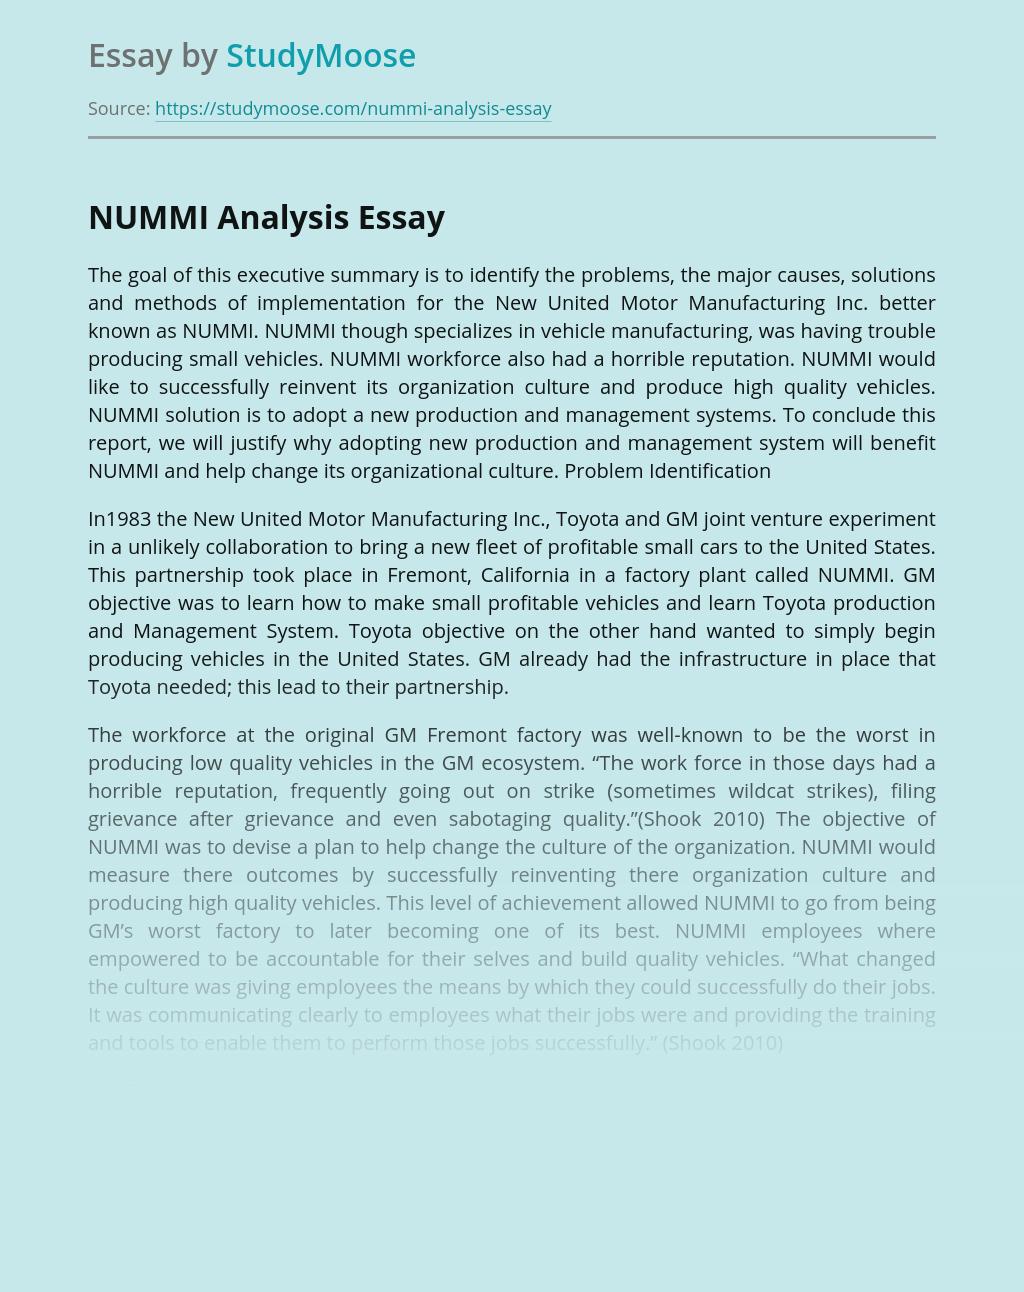 NUMMI Analysis